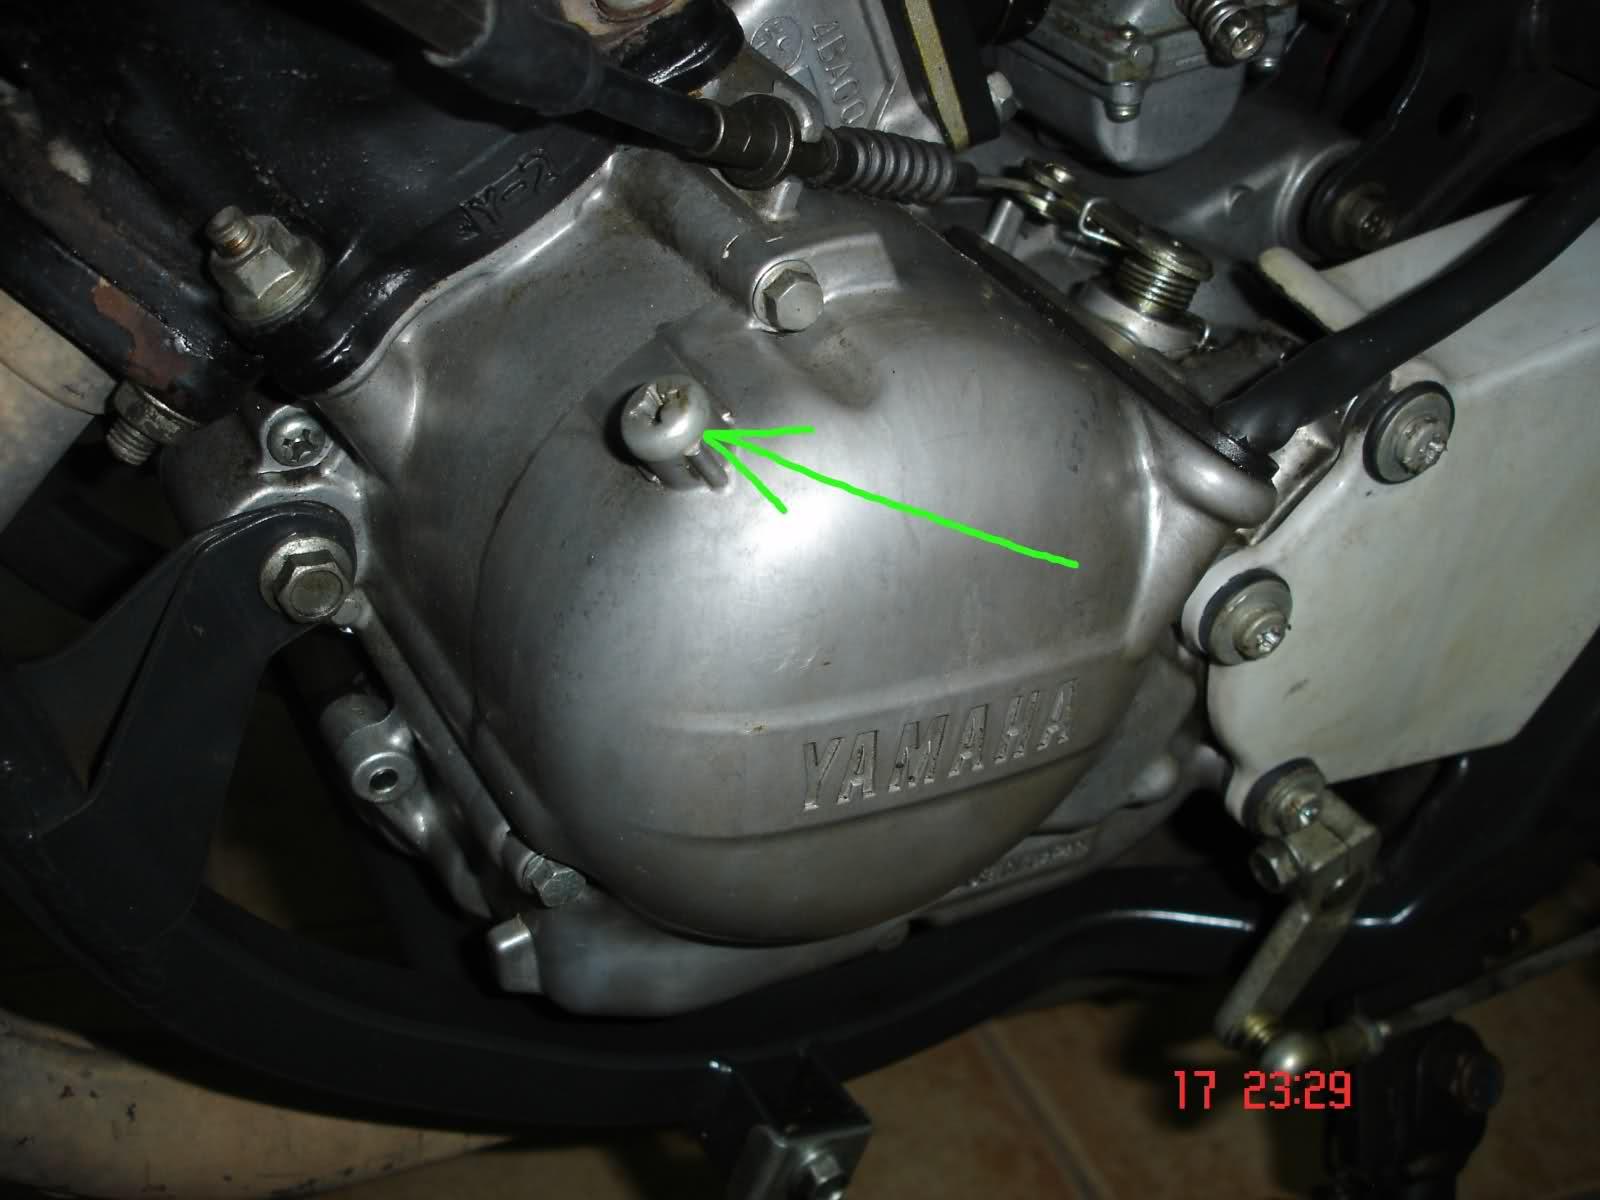 Fuga de aceite en Yamaha TZR 80 RR J9as76